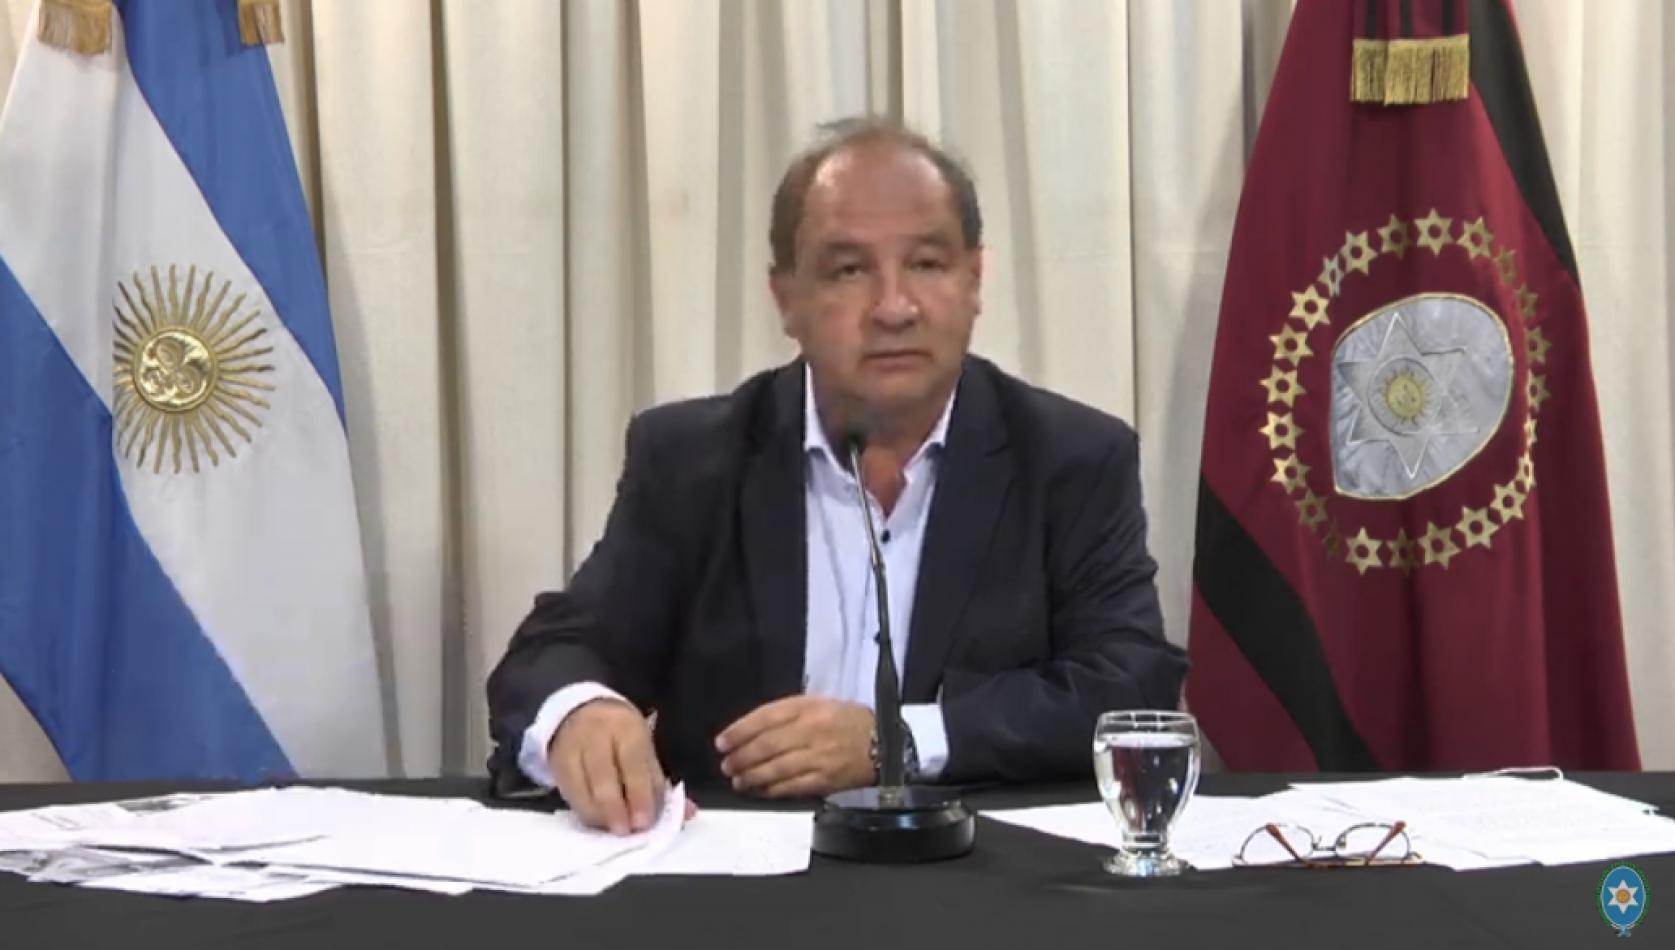 La Provincia intervendrá la Municipalidad de Salvador Mazza